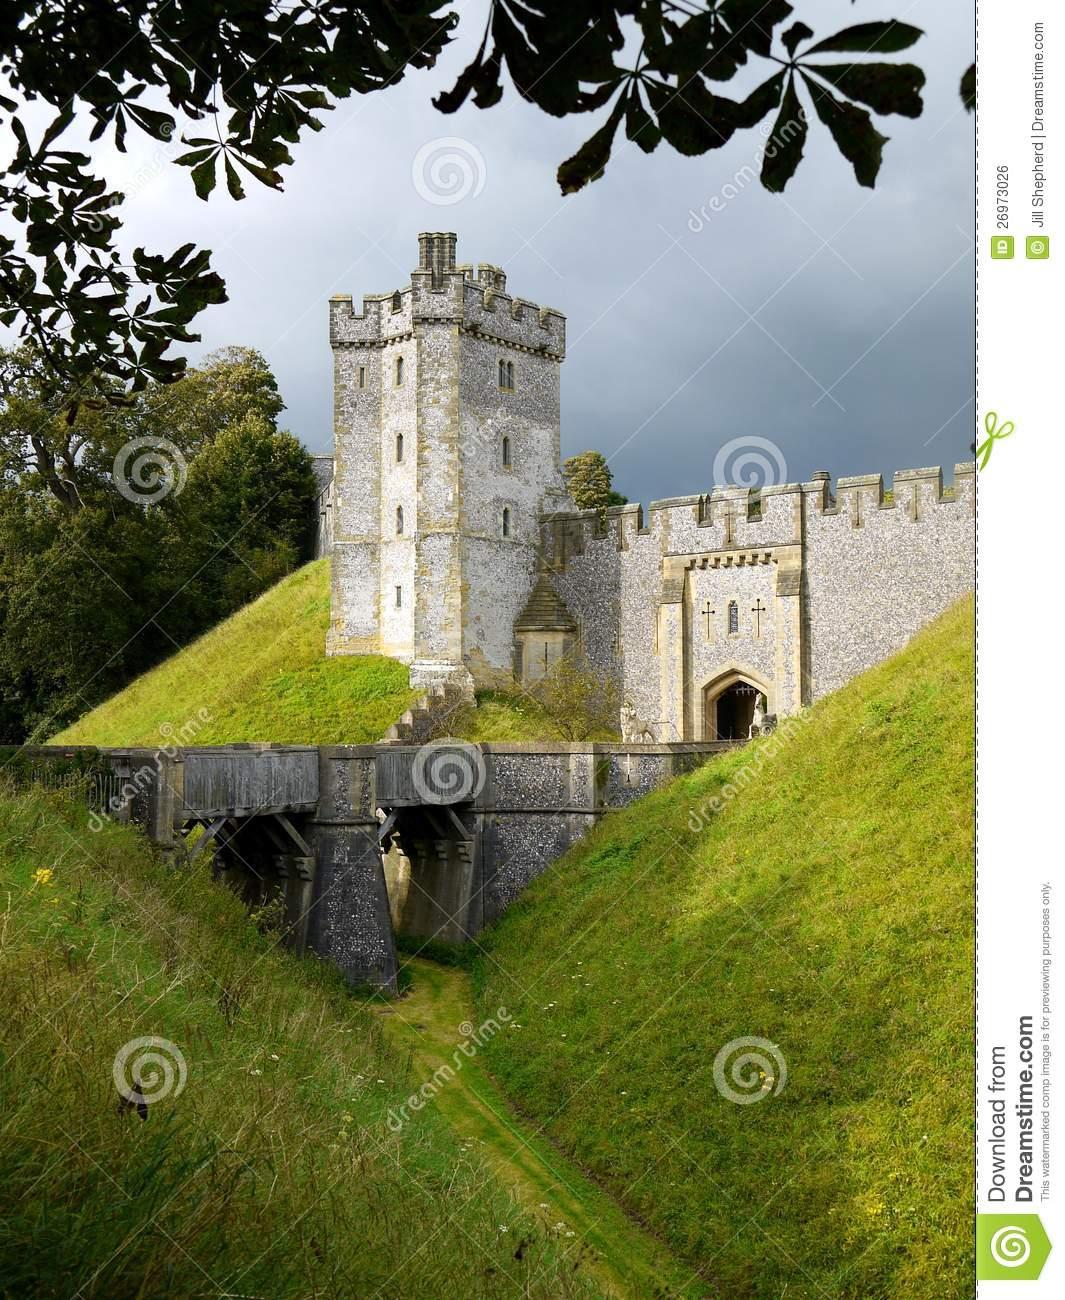 England: Arundel Castle Moat Royalty Free Stock Image.